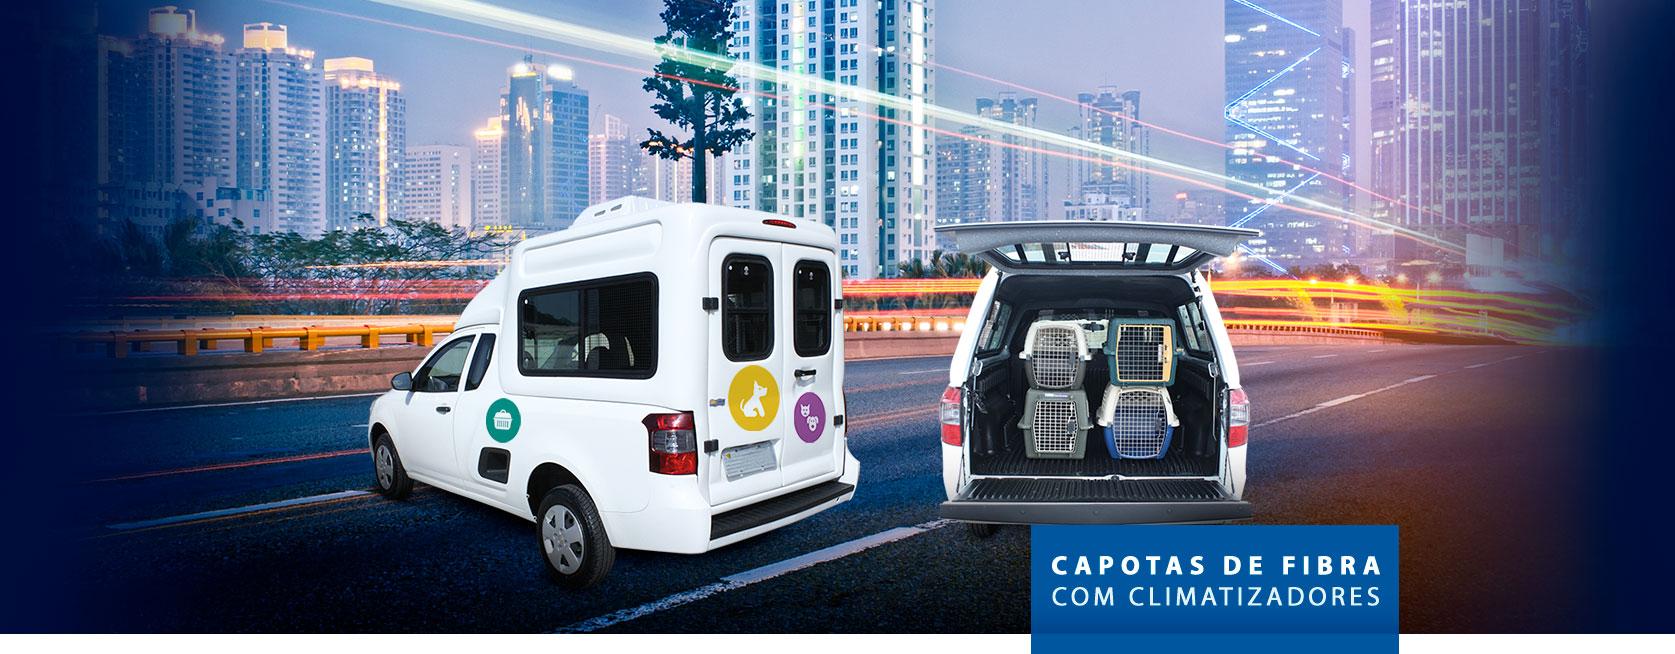 Capota de Fibra Refrigerada para Pet Shop - Fiat Strada